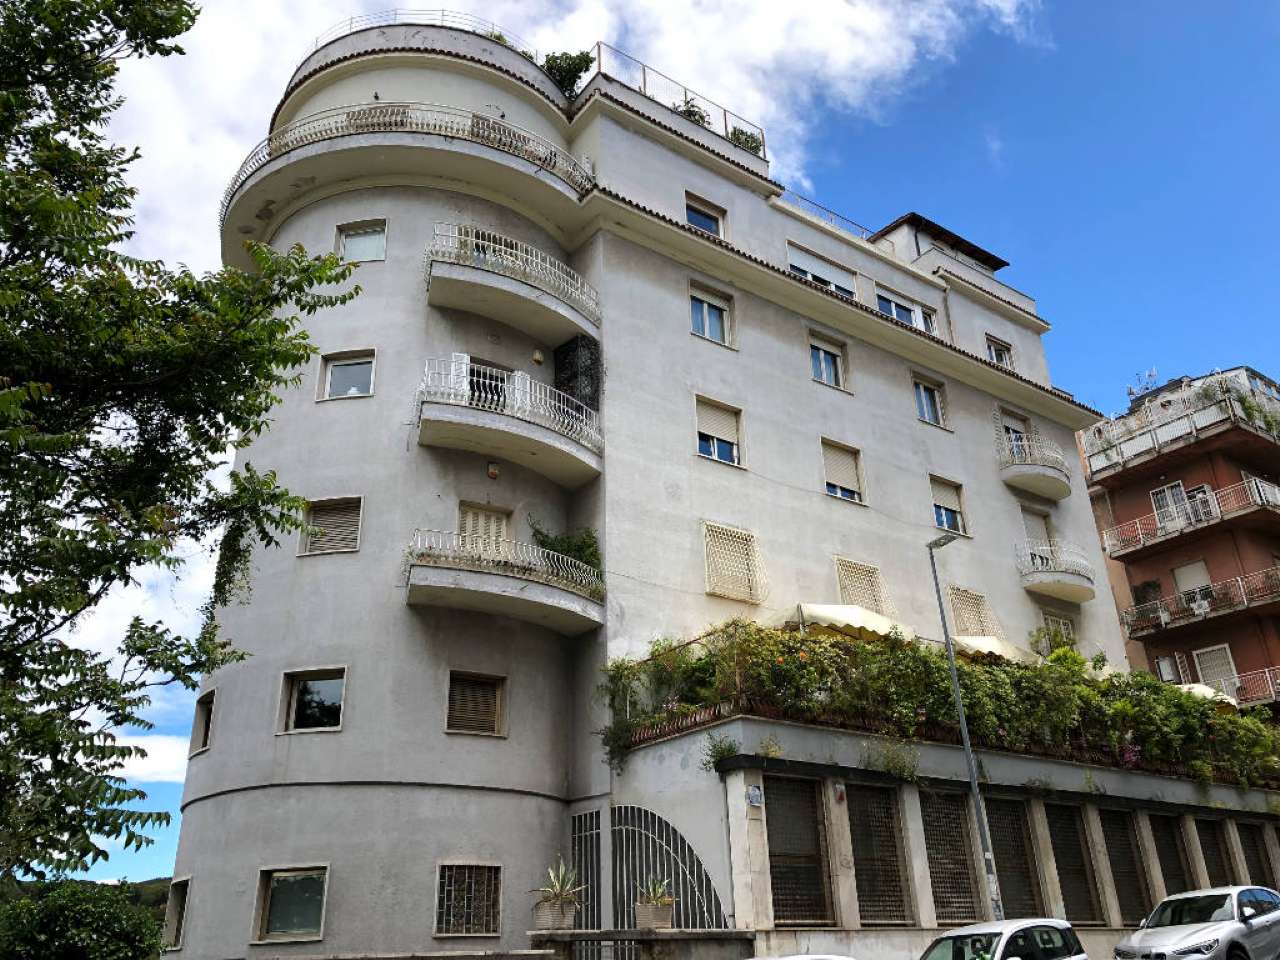 Appartamento in vendita a Roma, 2 locali, zona Zona: 2 . Flaminio, Parioli, Pinciano, Villa Borghese, prezzo € 238.000 | CambioCasa.it